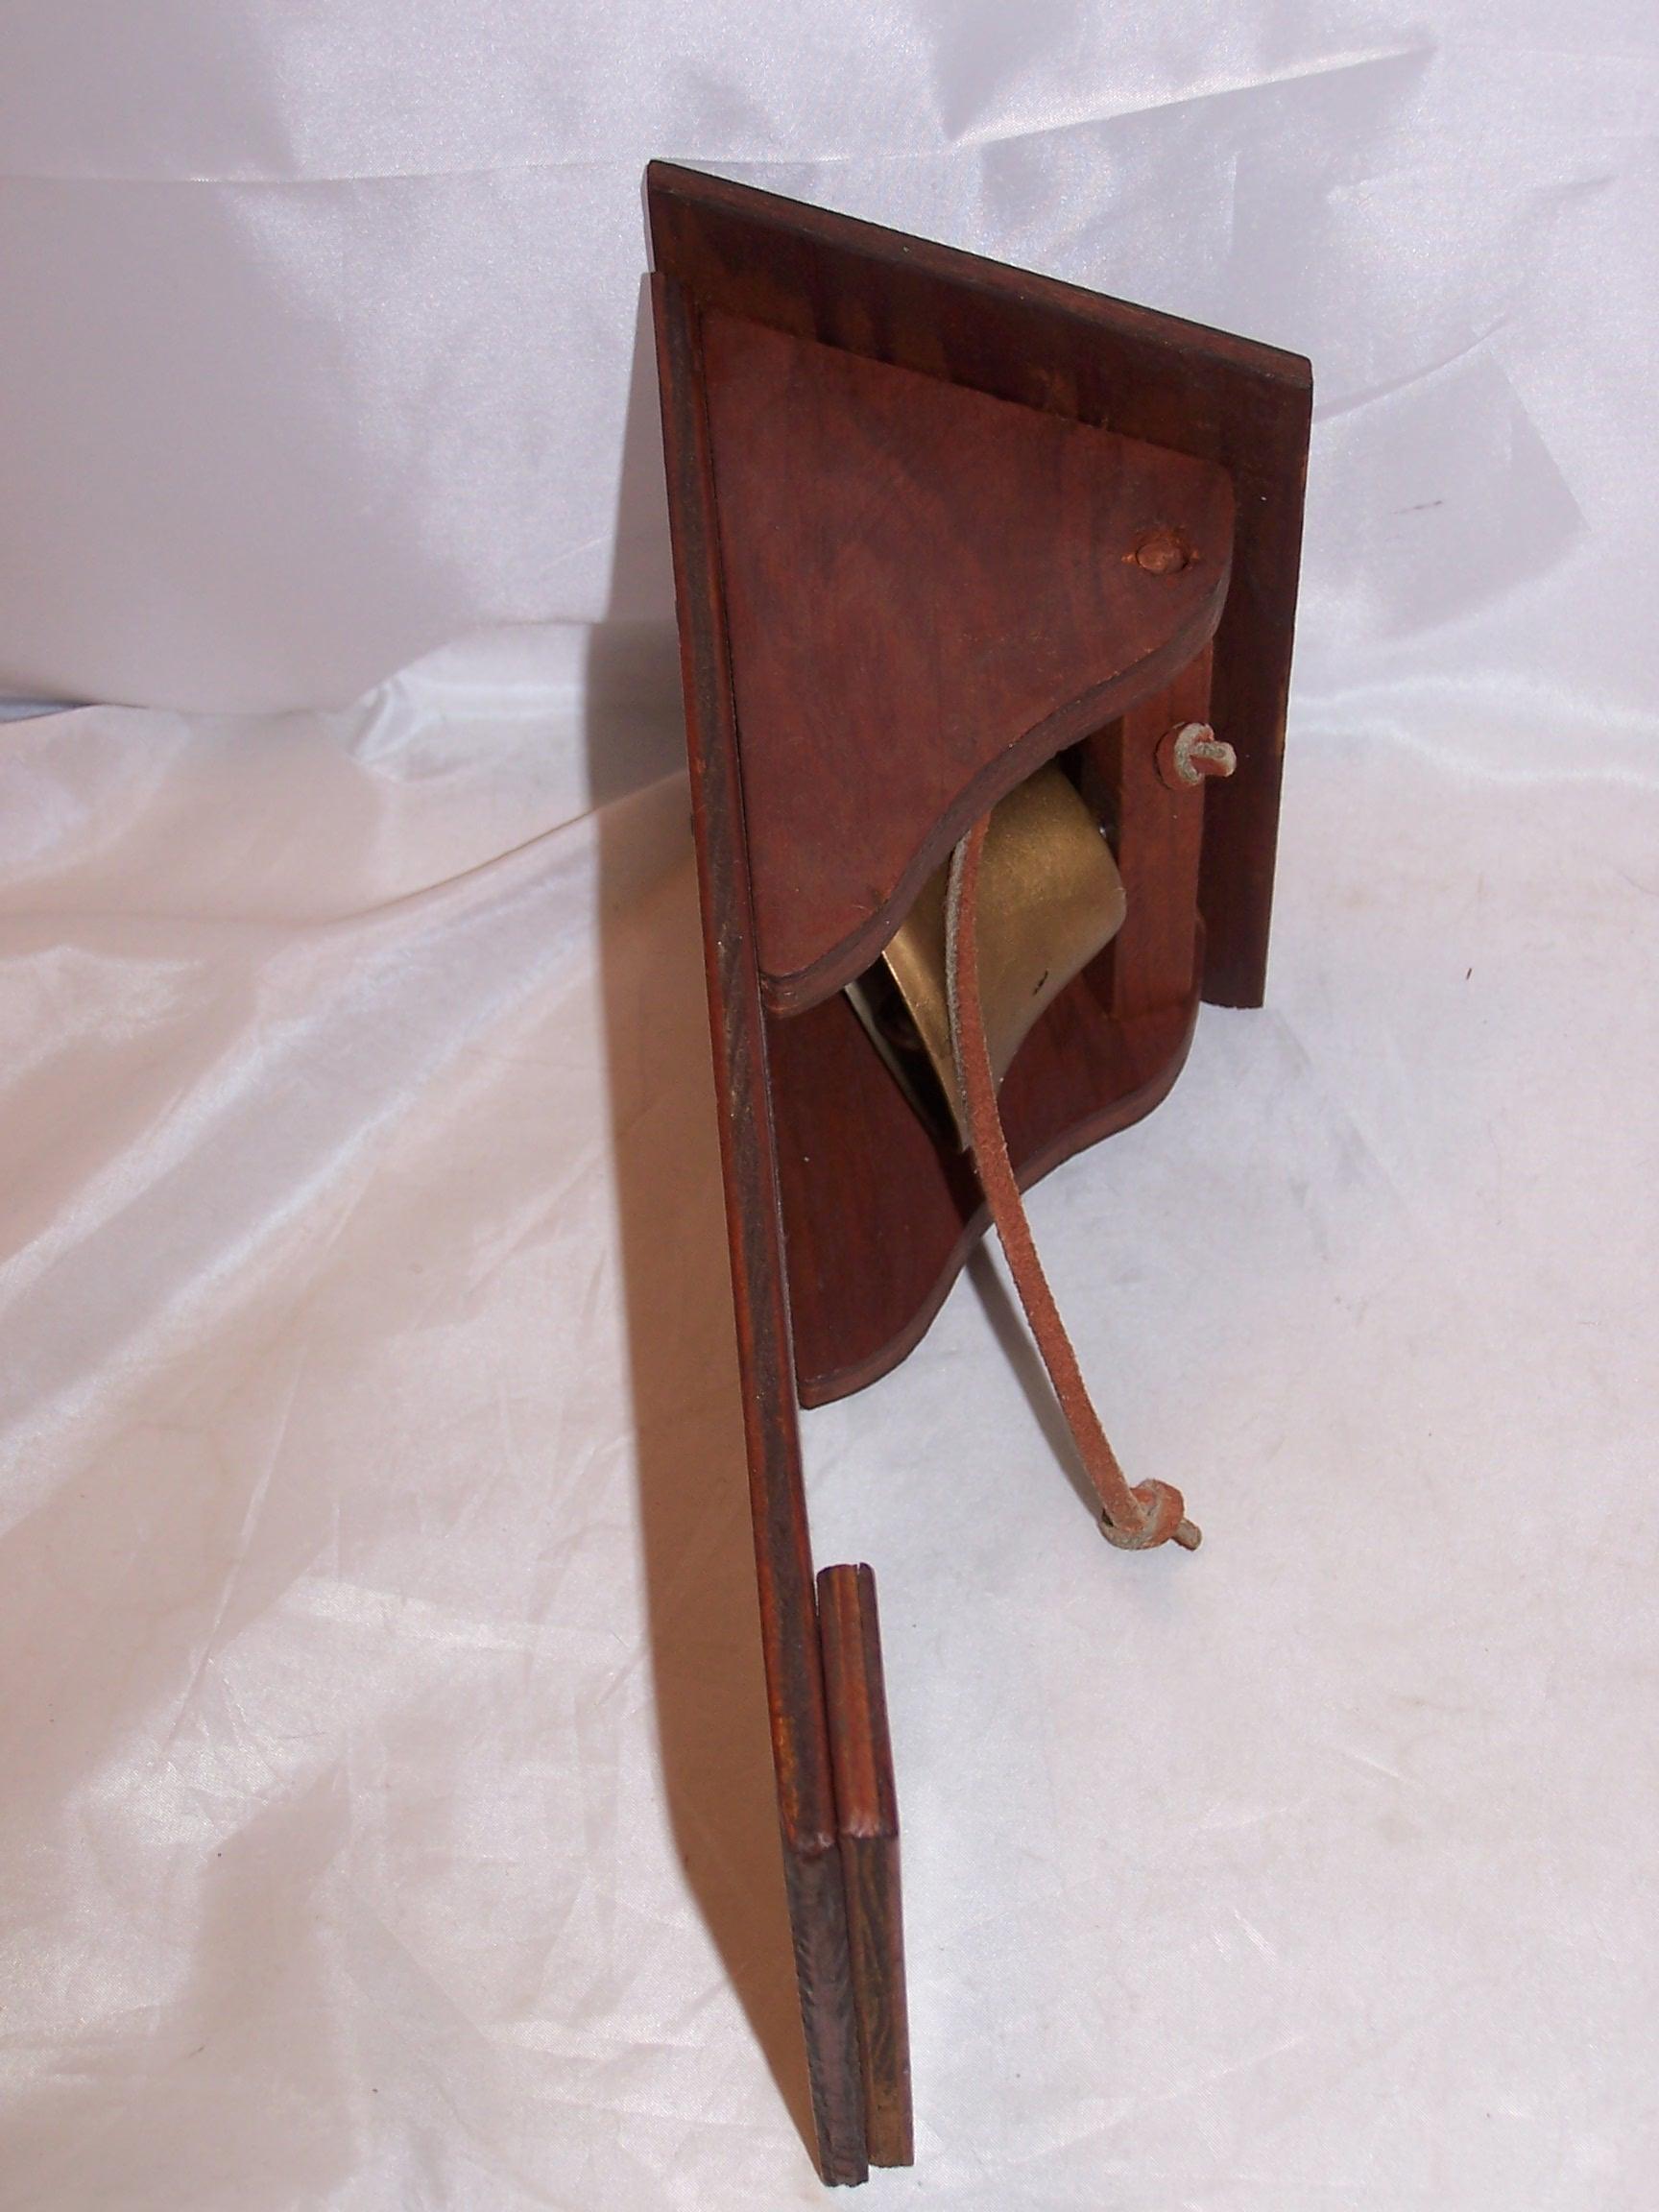 Image 4 of Cowboy Dinner Bell, Wood, Metal, Vintage